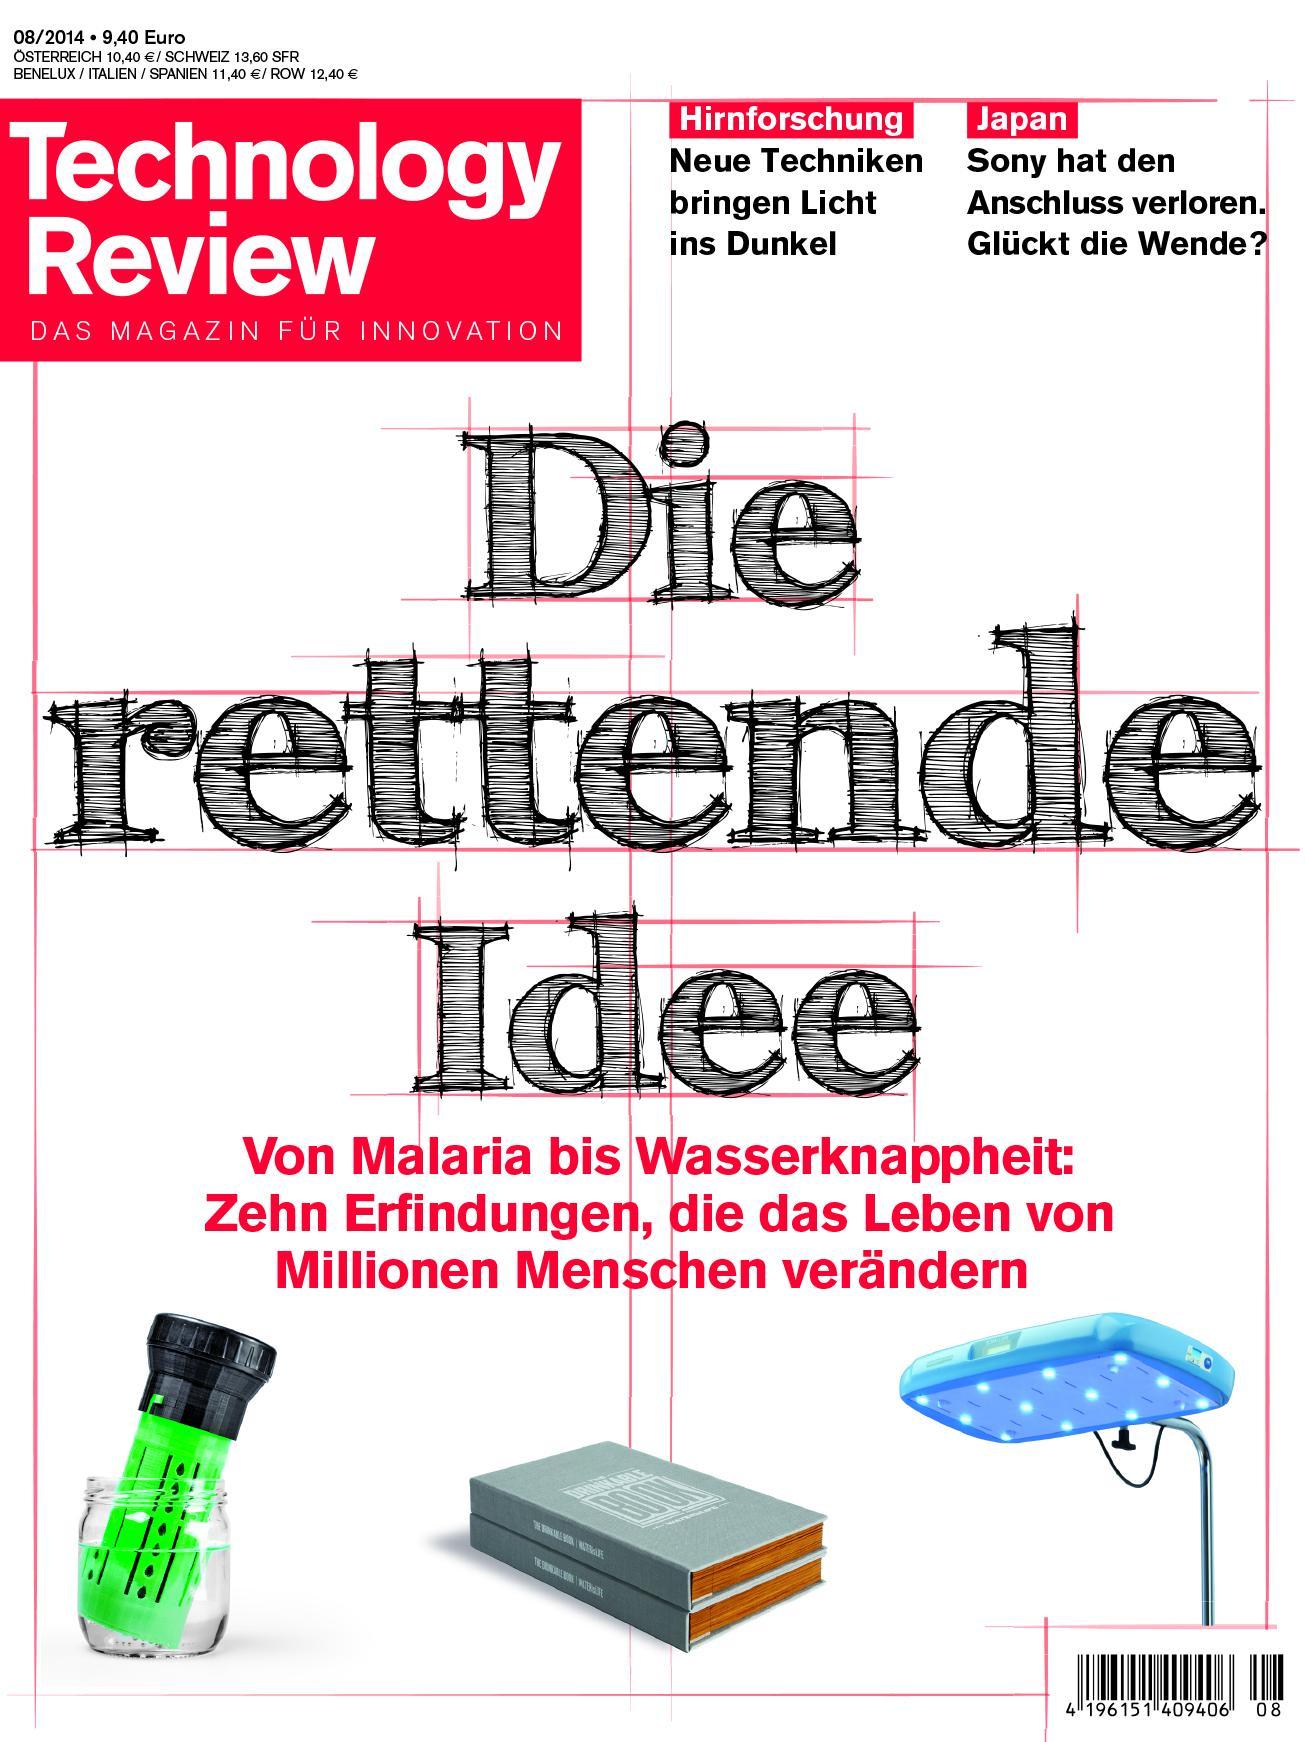 Groß Draht 2 Schaltet Auf Ein Licht Um Bilder - Schaltplan Serie ...